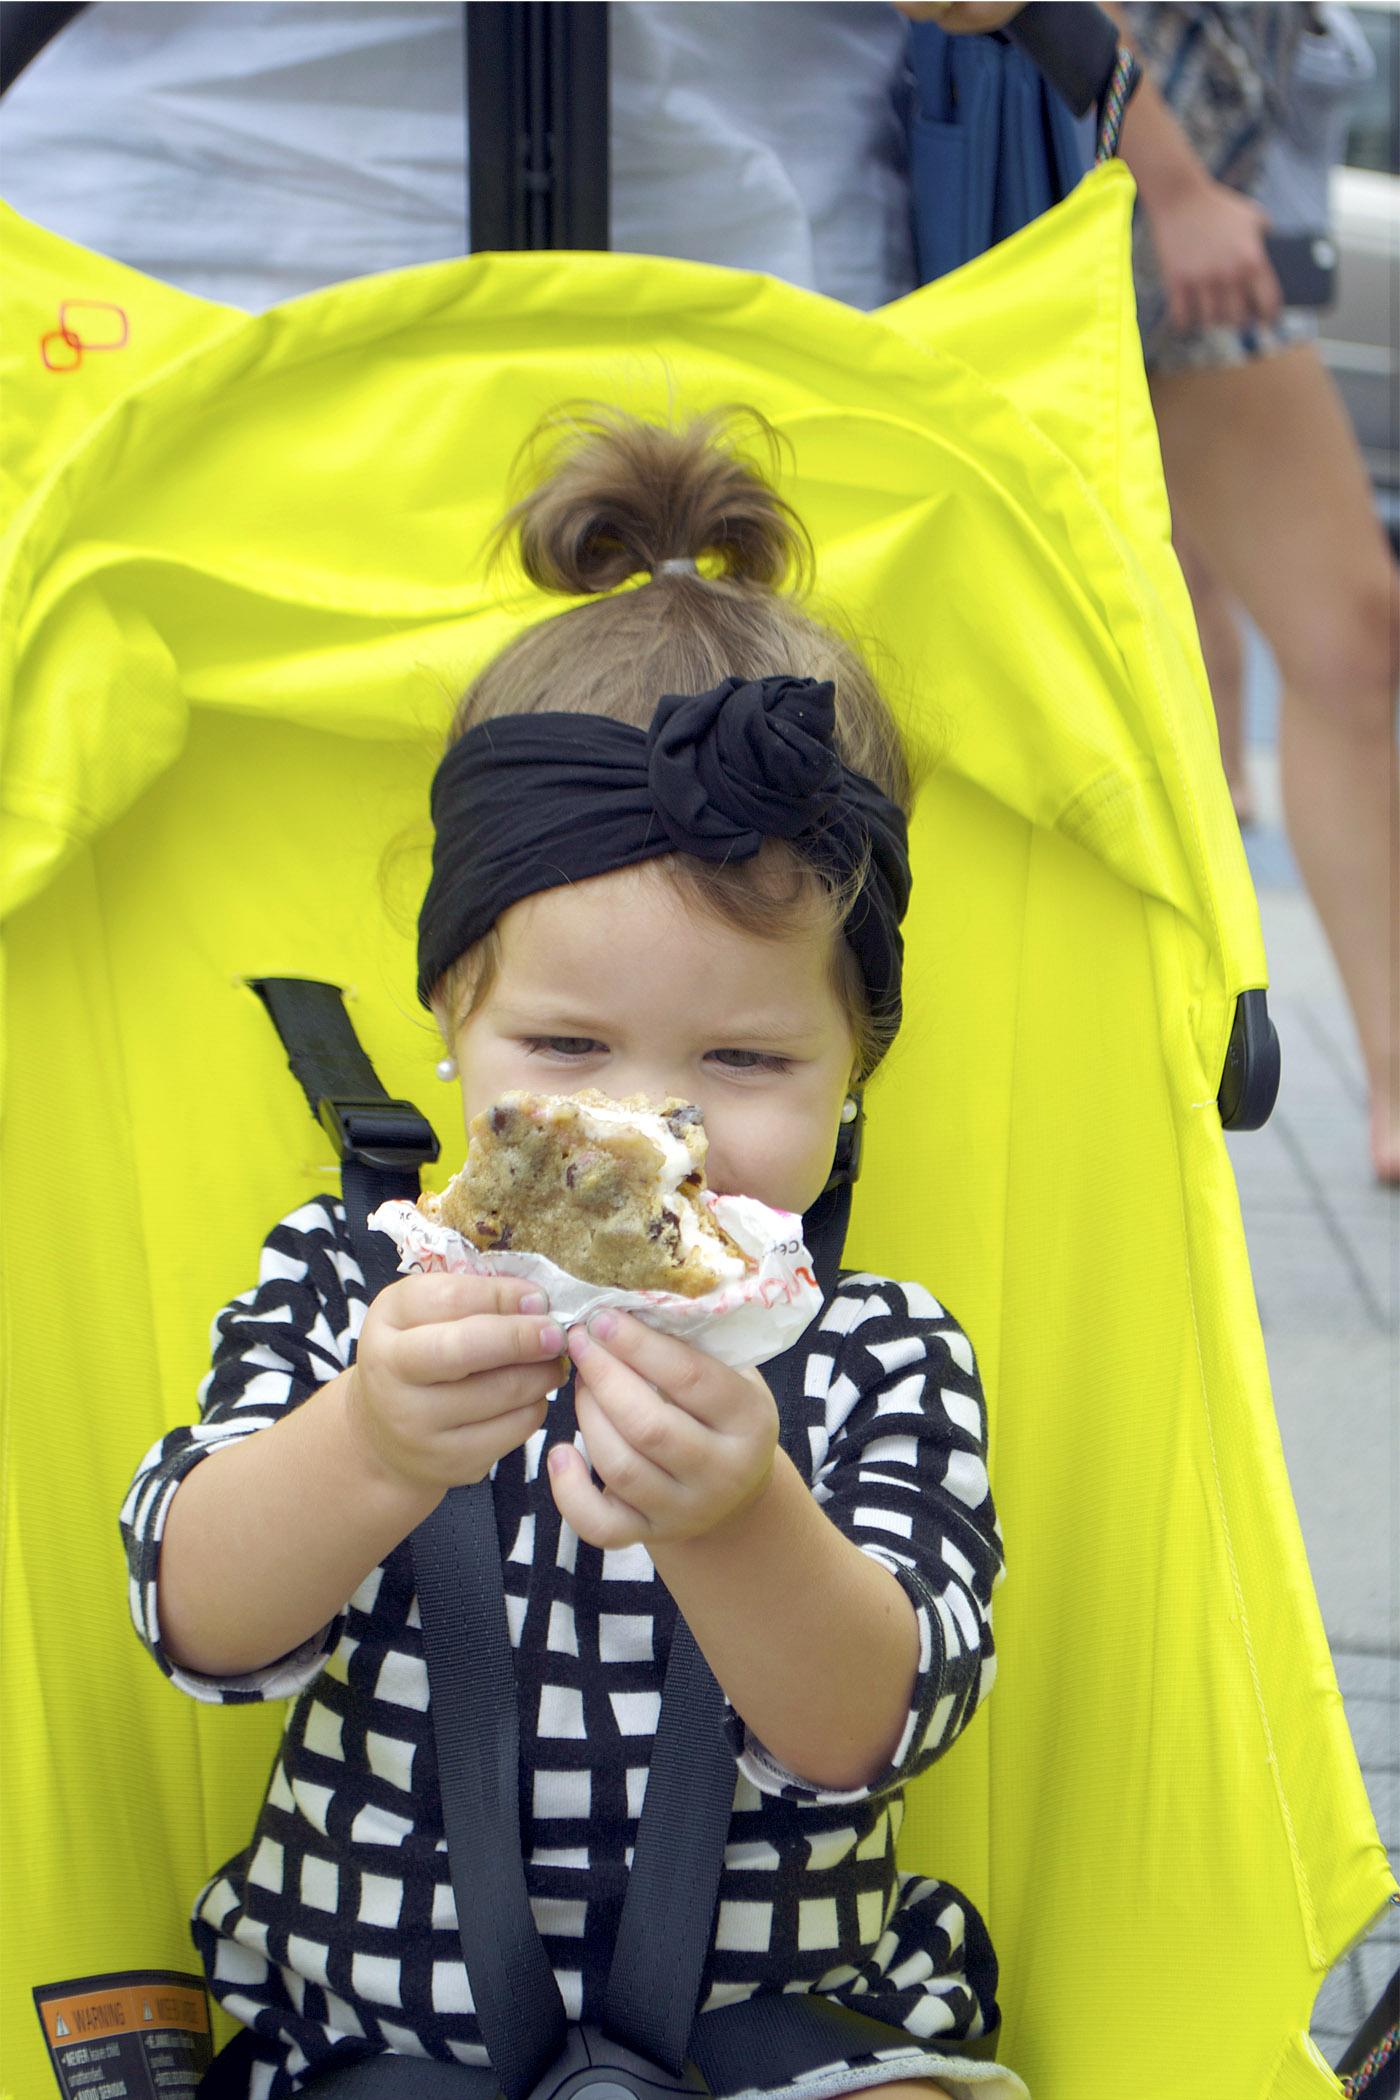 creamwich icecream sandwich